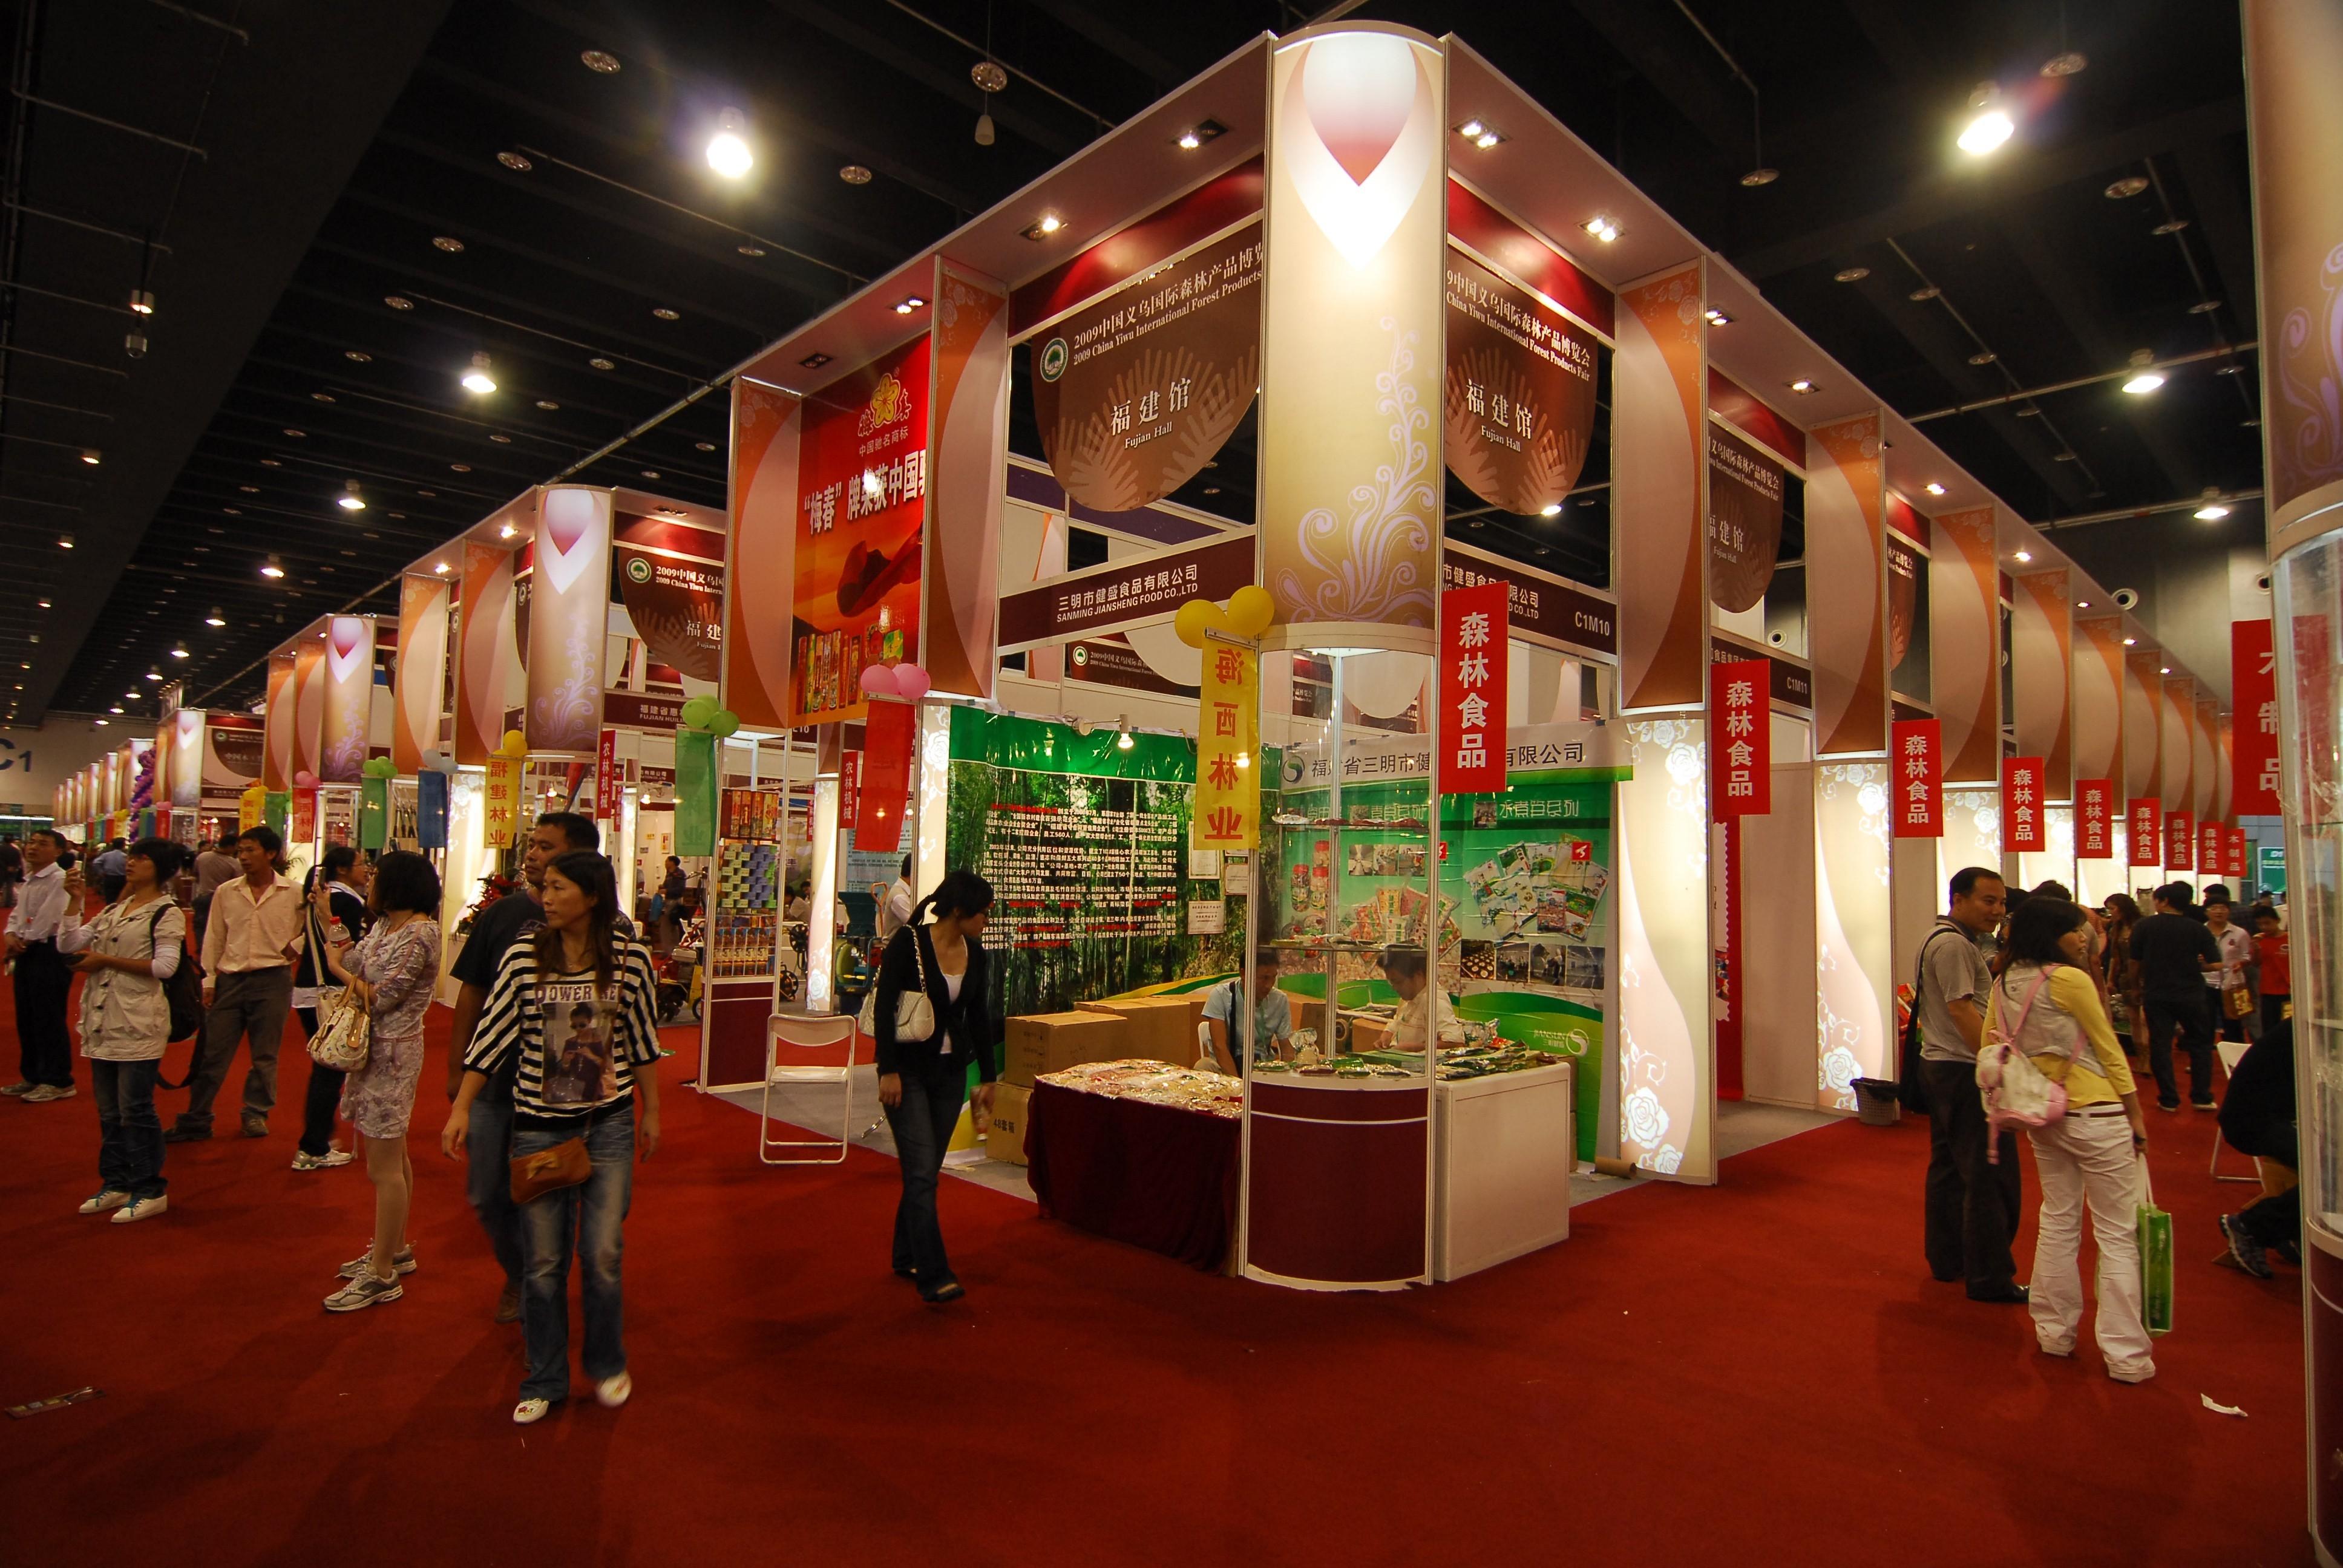 Узнайте, когда в Китае проходят ежегодные выставки